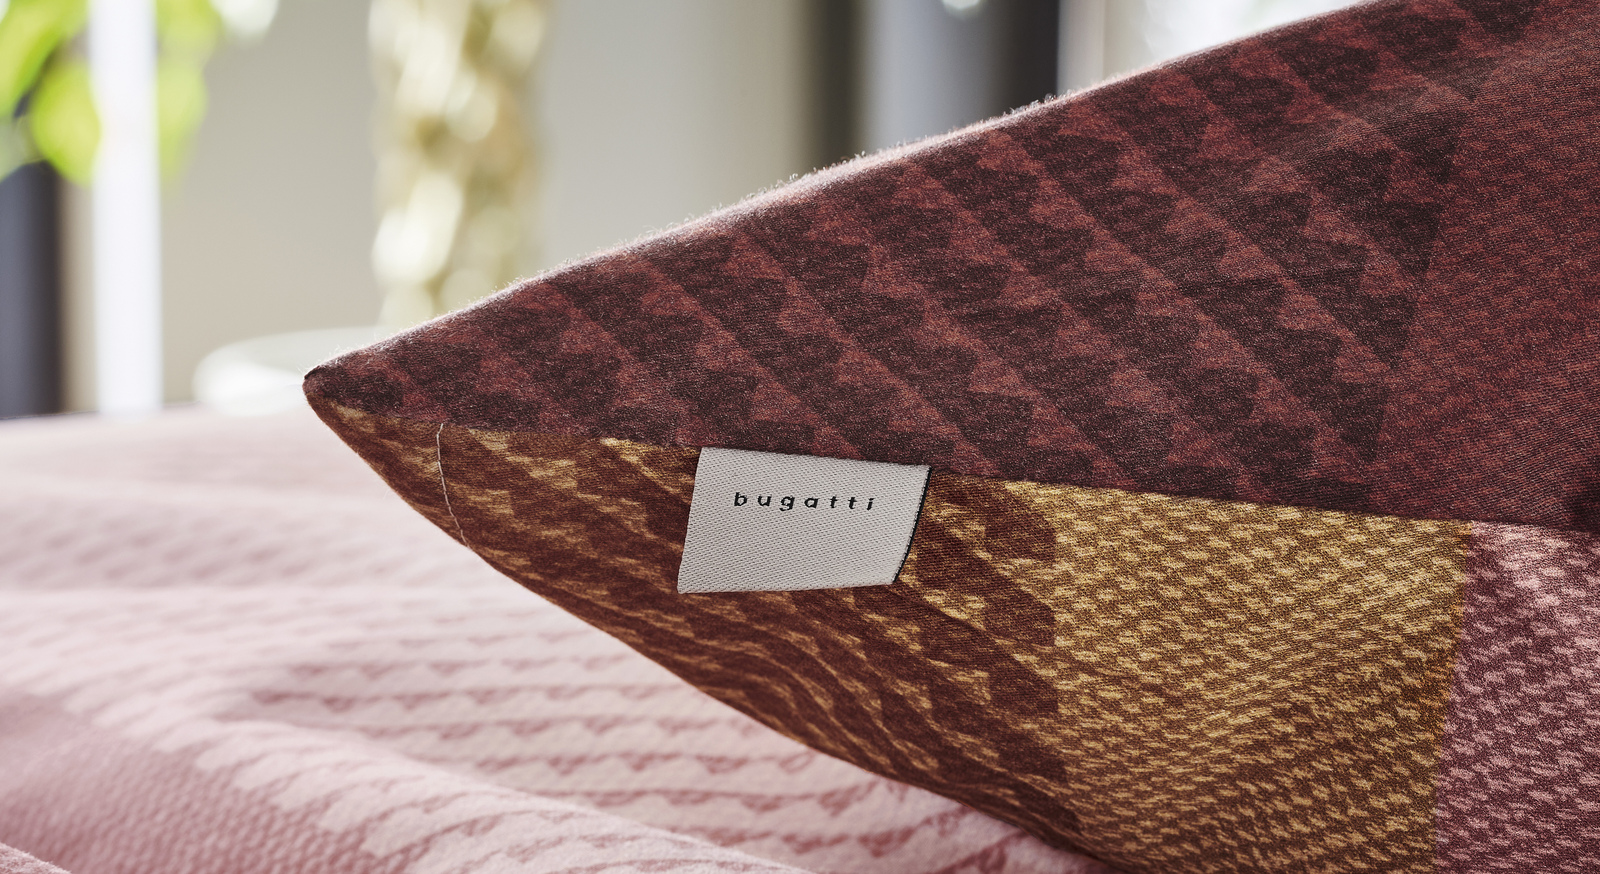 2-in-1-Bettwäsche Bugatti Streifen rosé-rot in Markenqualität